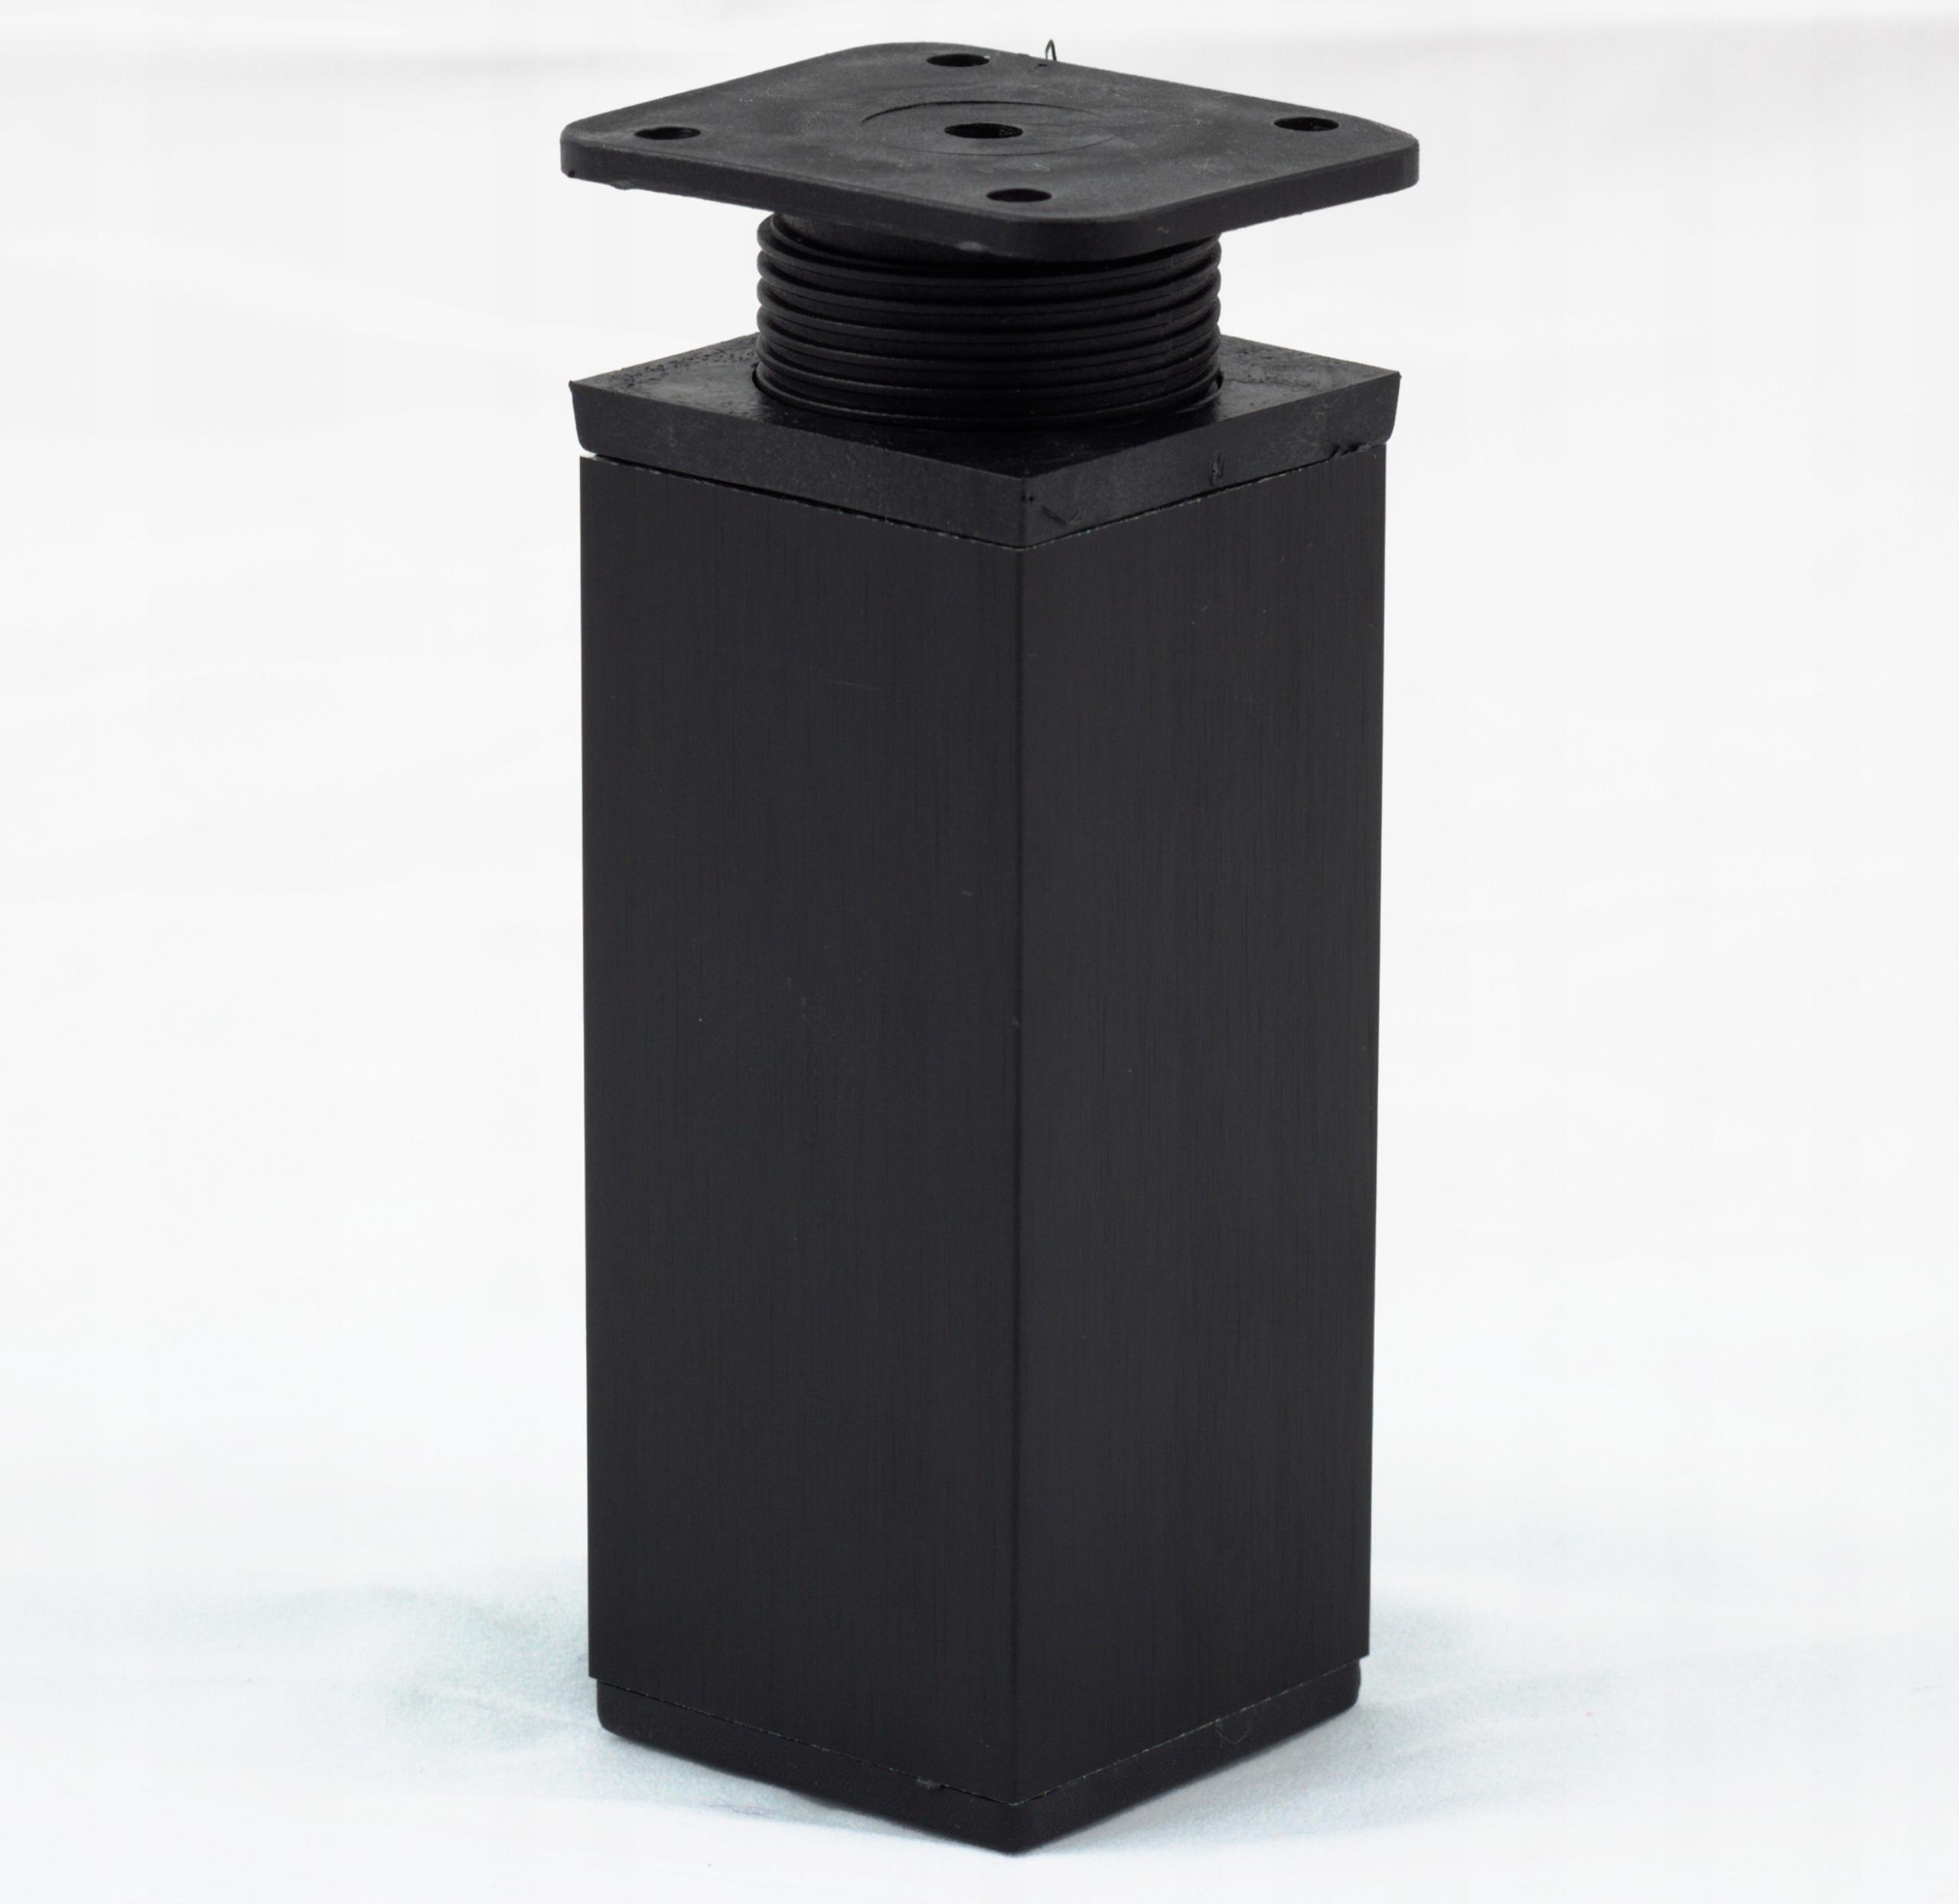 4x Nóżki meblowe czarne regulowane 40x40x100 mm